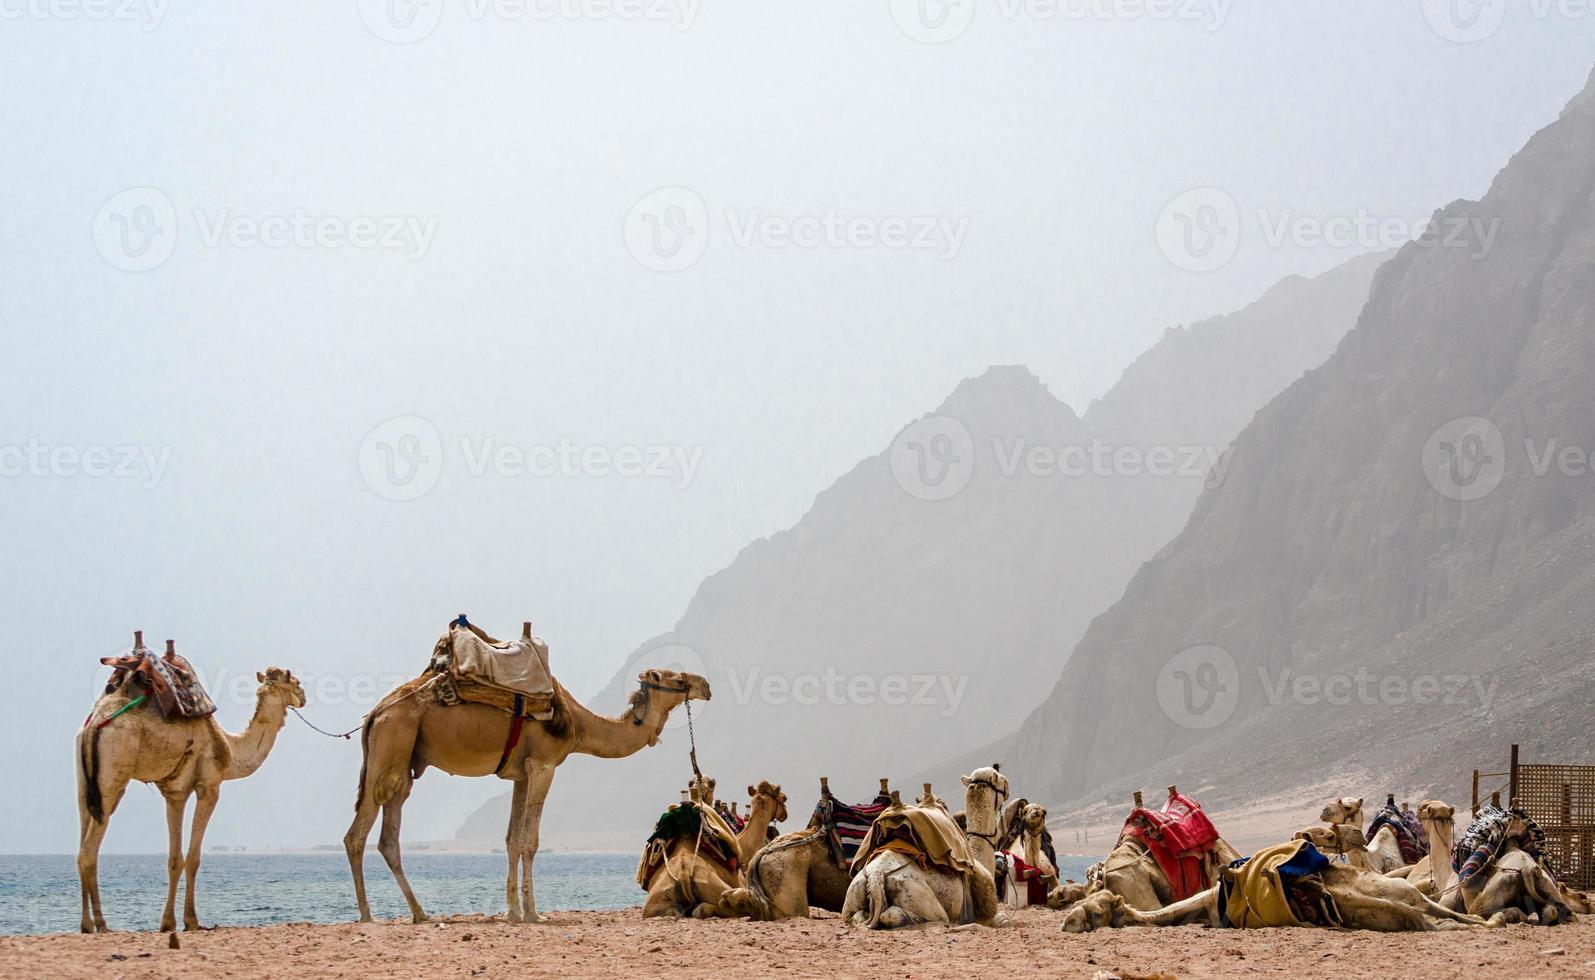 chameaux sur une plage brumeuse photo